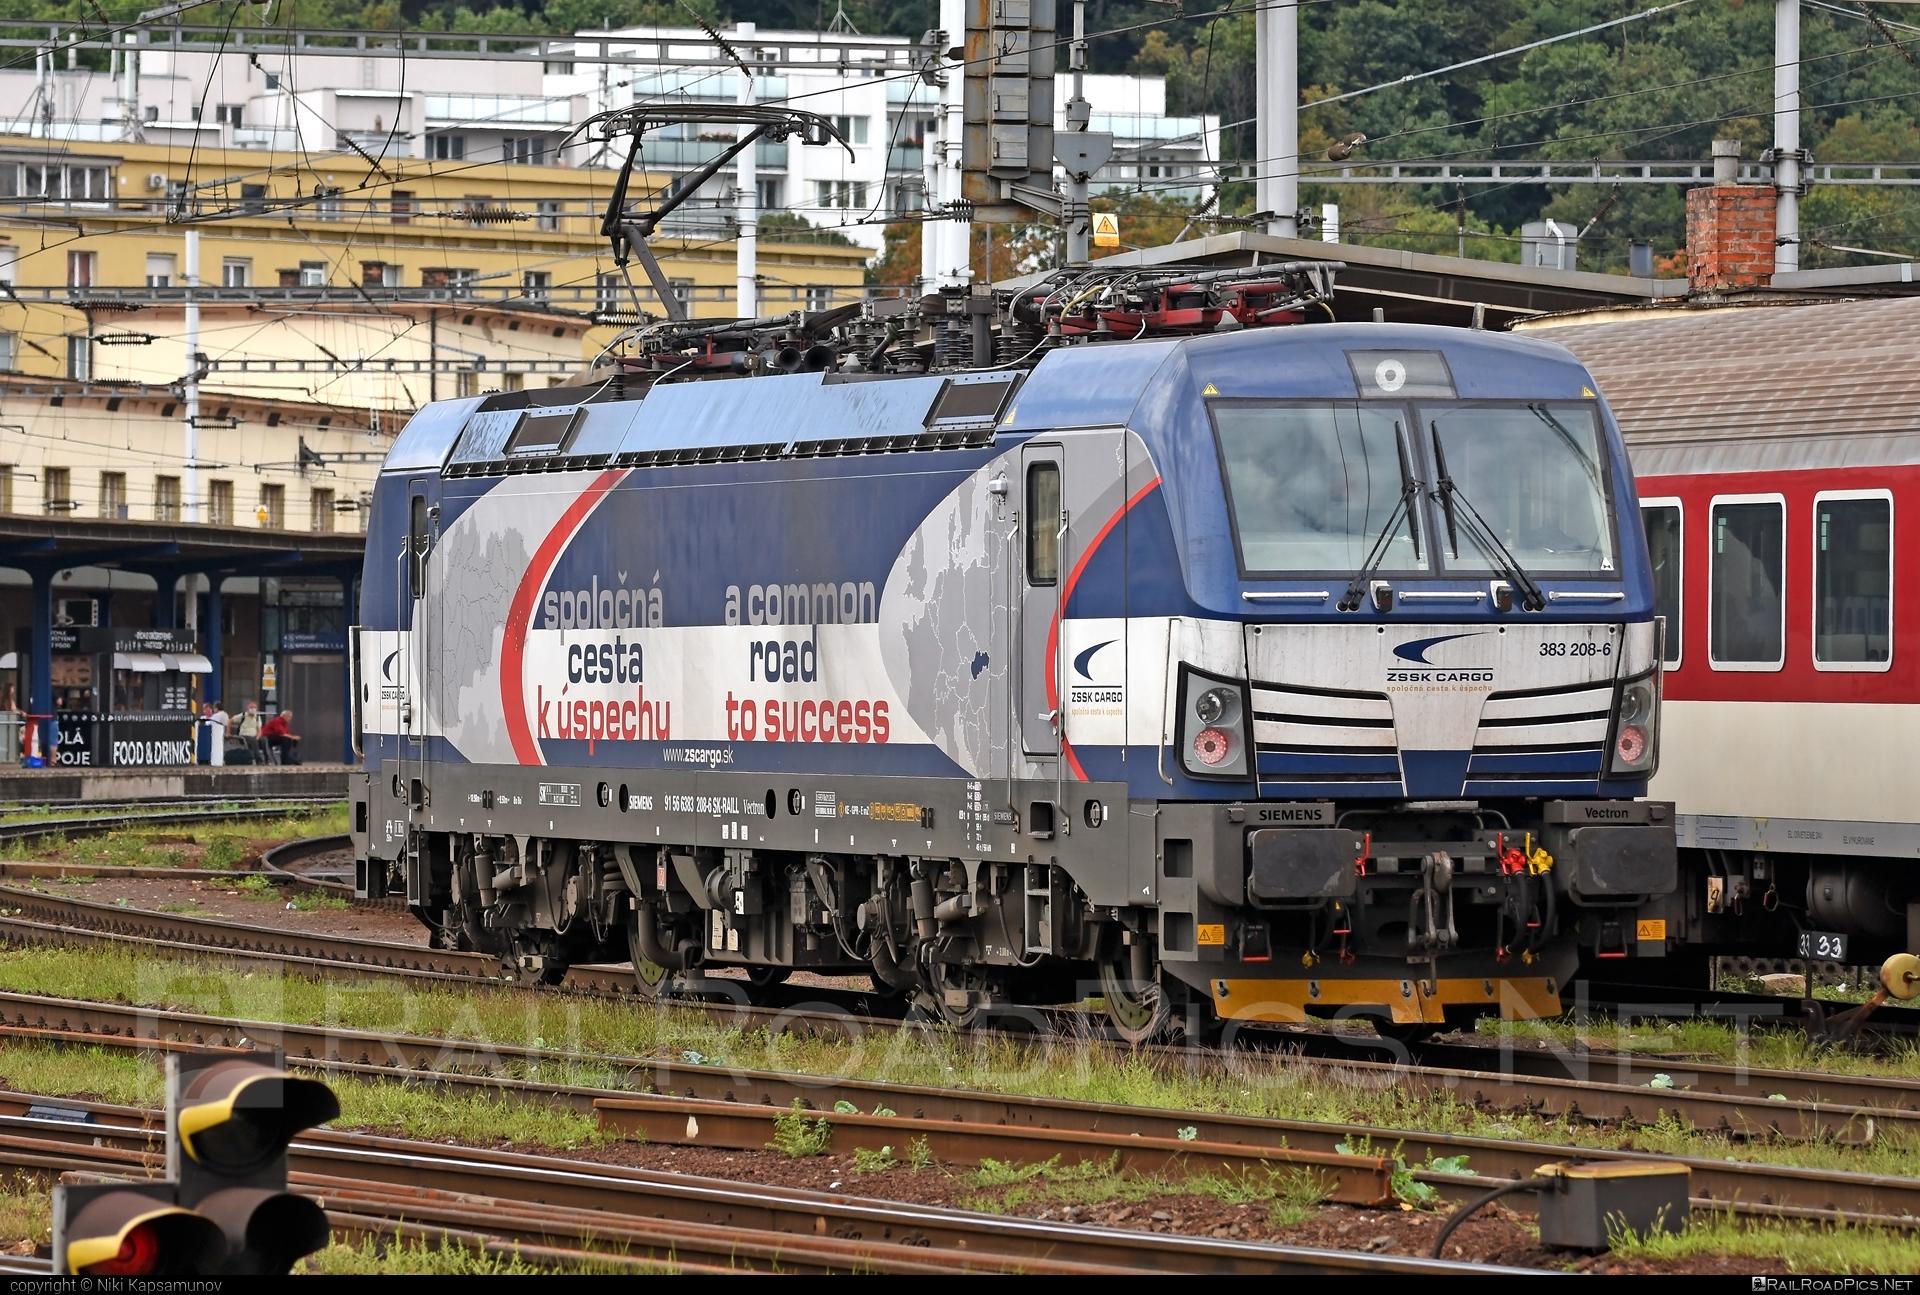 Siemens Vectron MS - 383 208-6 operated by Železničná Spoločnost' Cargo Slovakia a.s. #SRailLease #SRailLeaseSro #ZeleznicnaSpolocnostCargoSlovakia #raill #siemens #siemensvectron #siemensvectronms #vectron #vectronms #zsskcargo